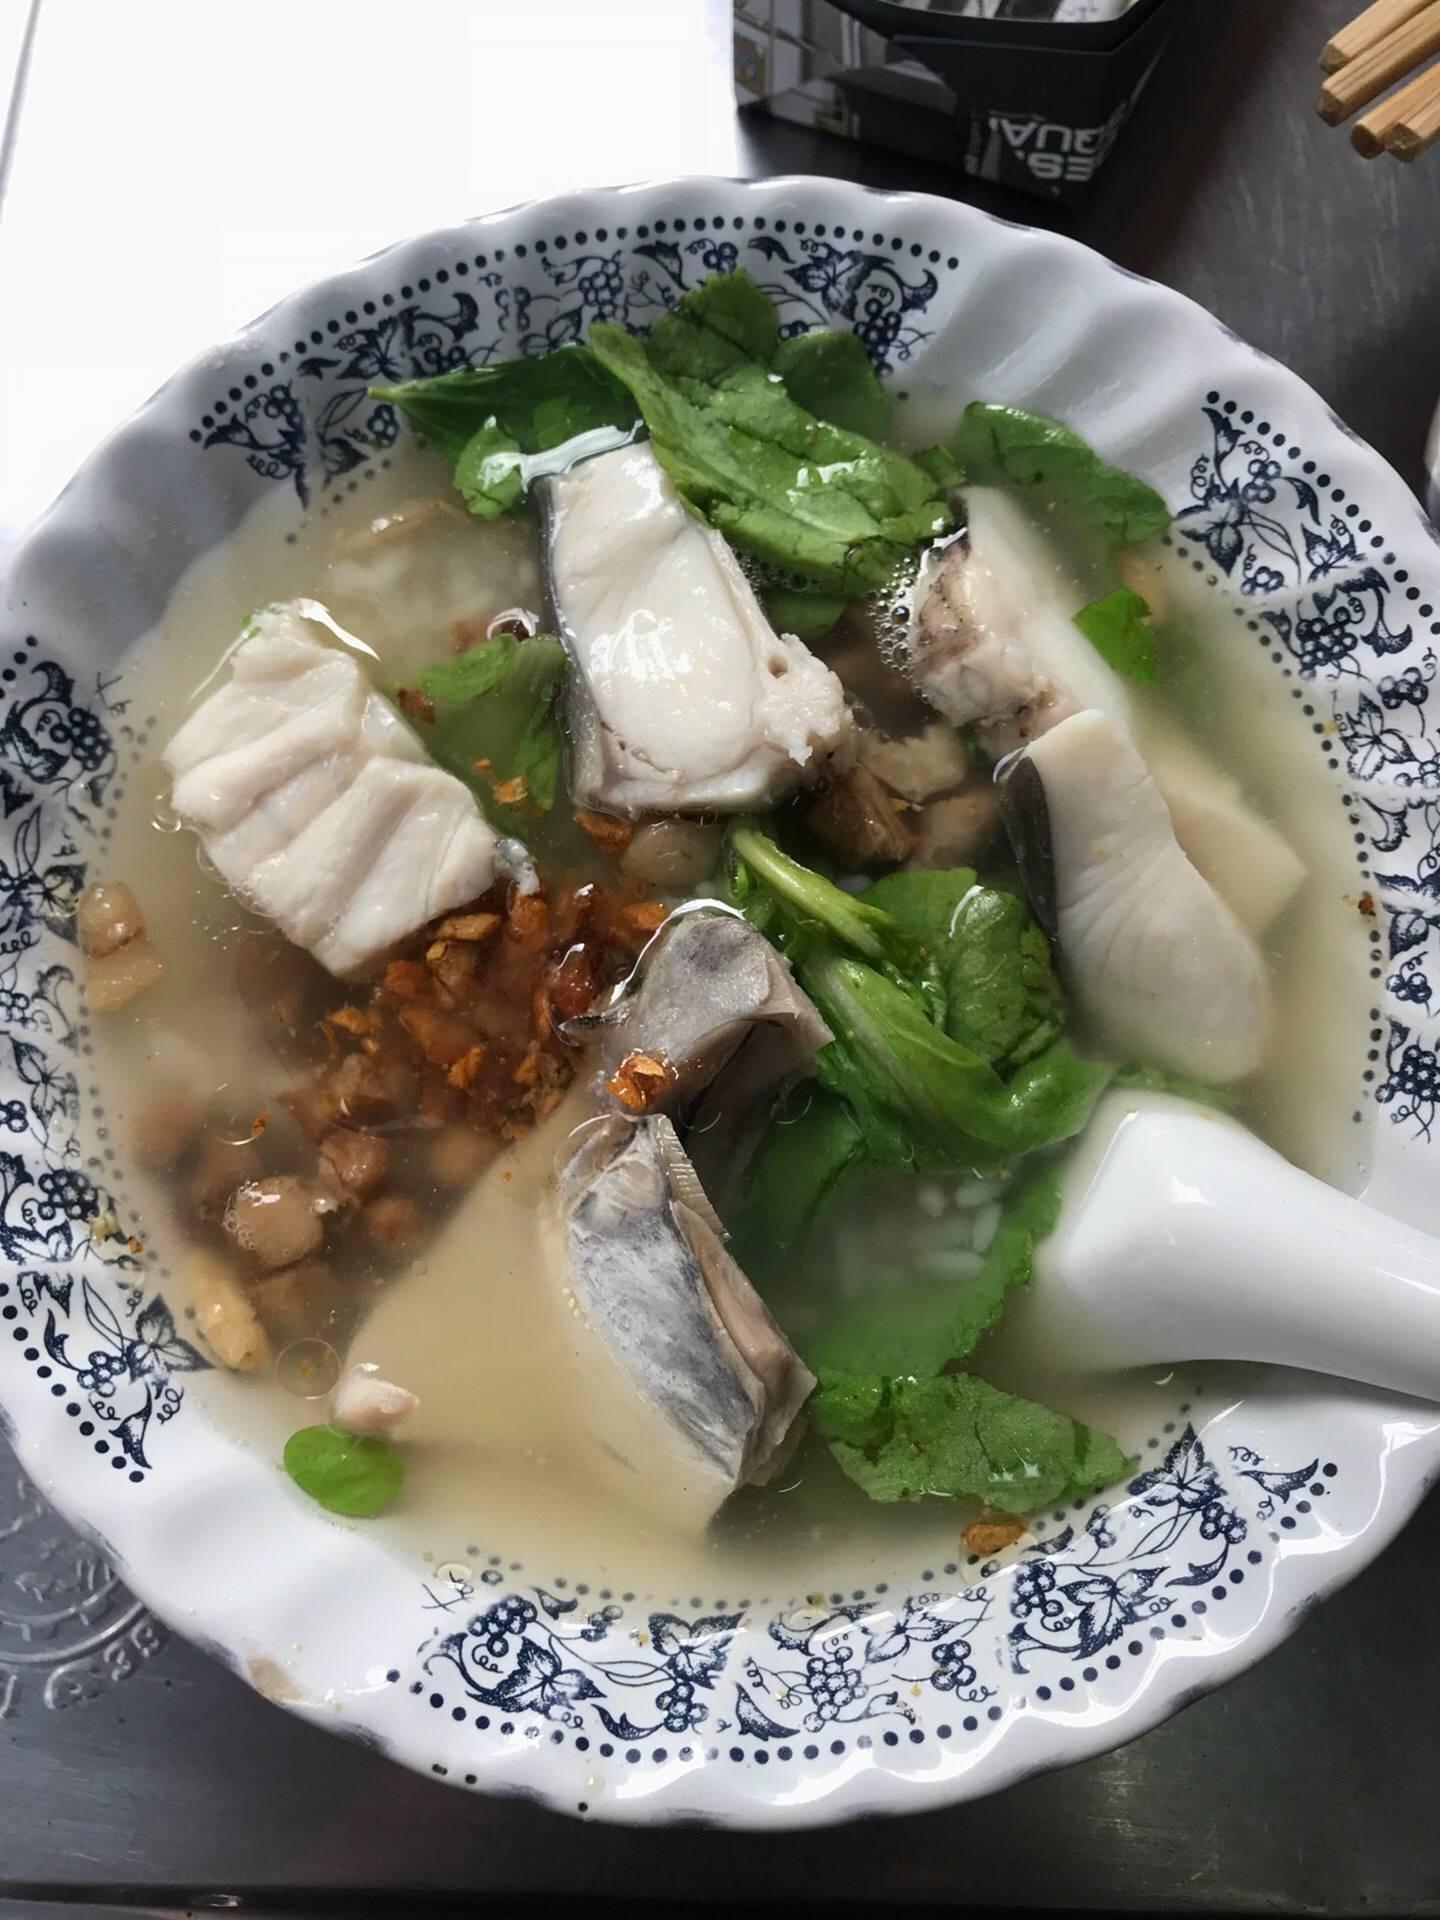 เซี่ยงกี่ข้าวต้มปลา